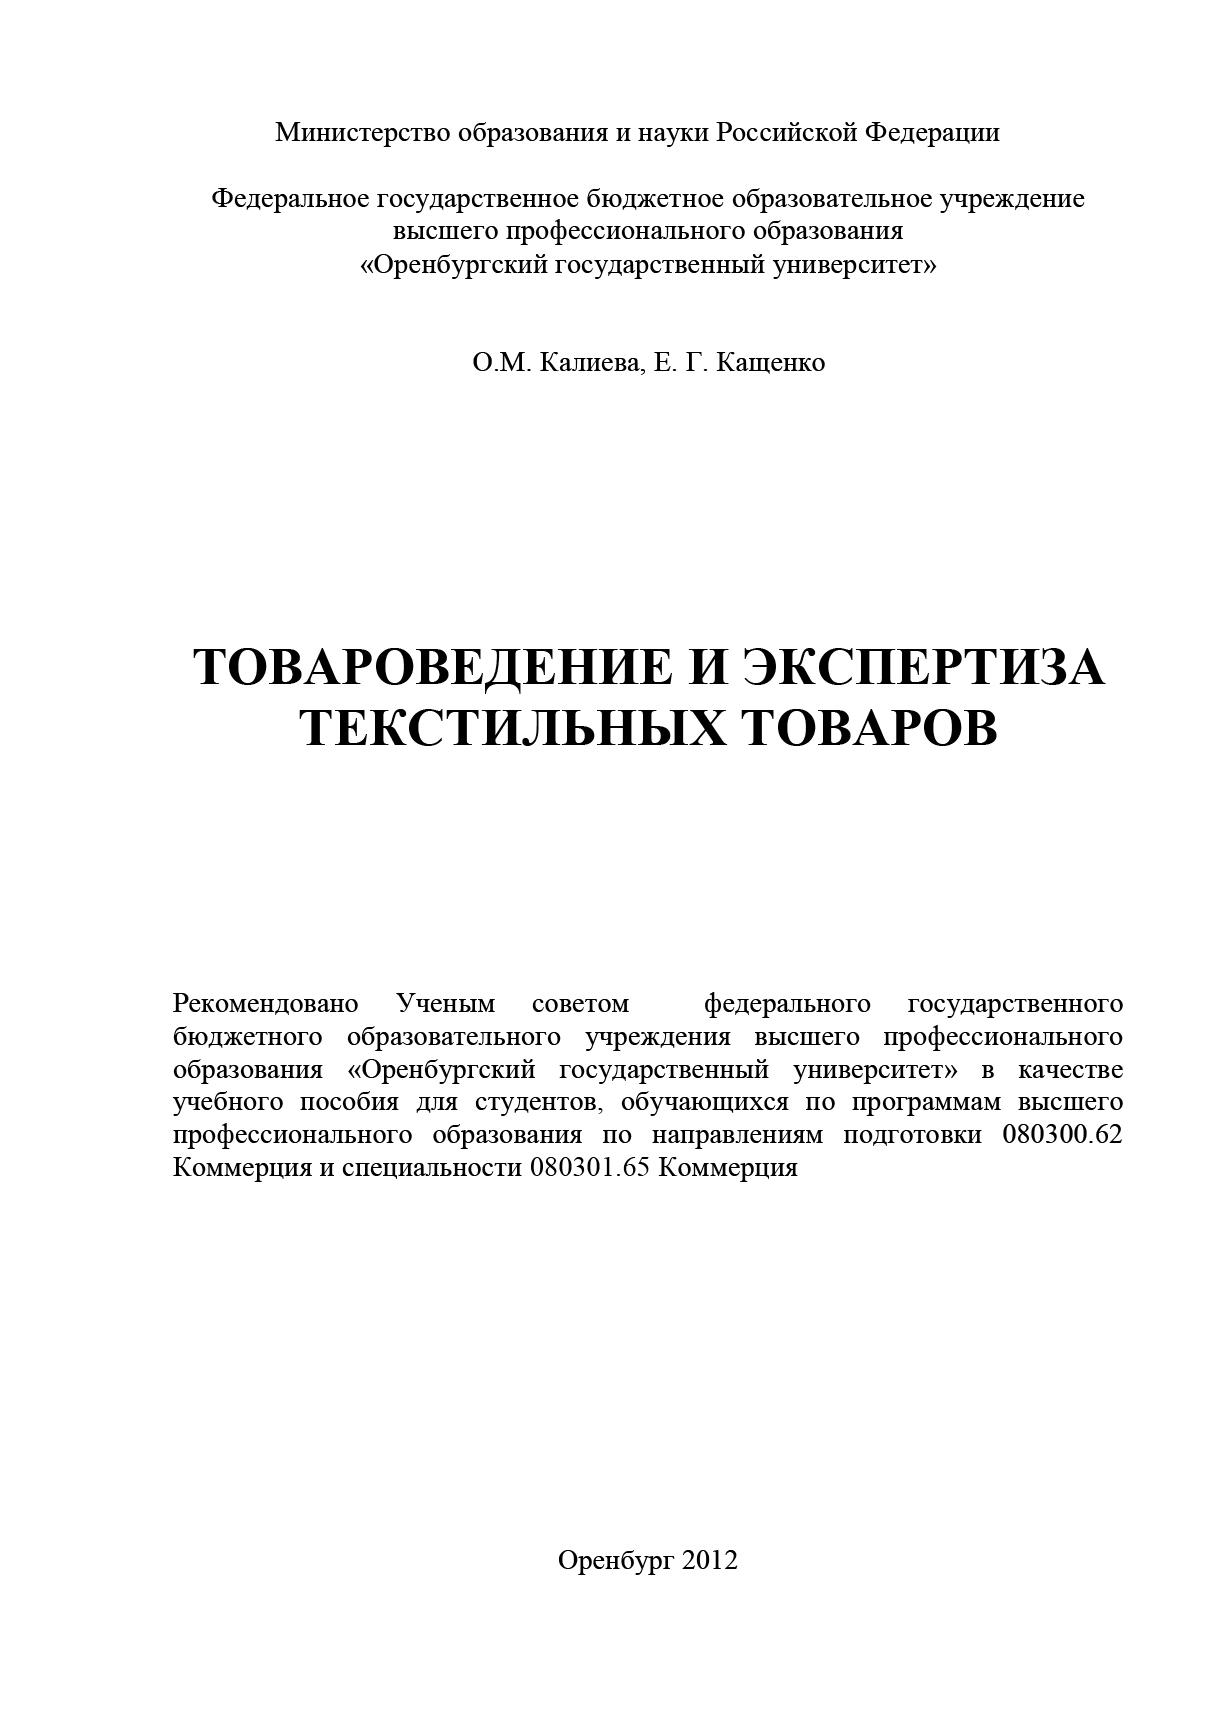 О. М. Калиева Товароведение и экспертиза текстильных товаров евгения демакова товароведение и экспертиза мебельных товаров